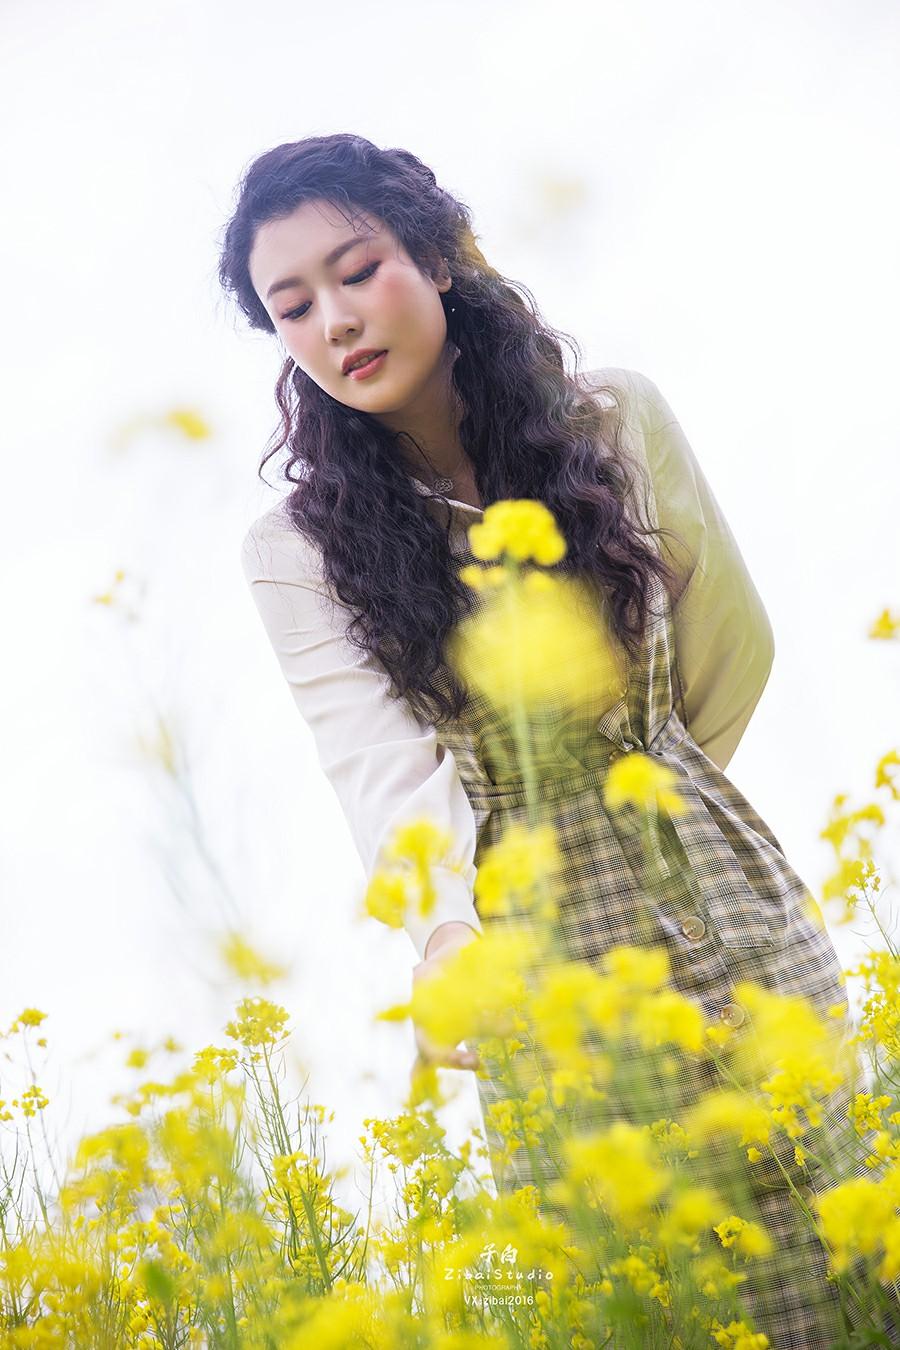 [TouTiao头条女神]2020.04.20 钟晴 油菜花的晴天[9P] 头条女神 第4张